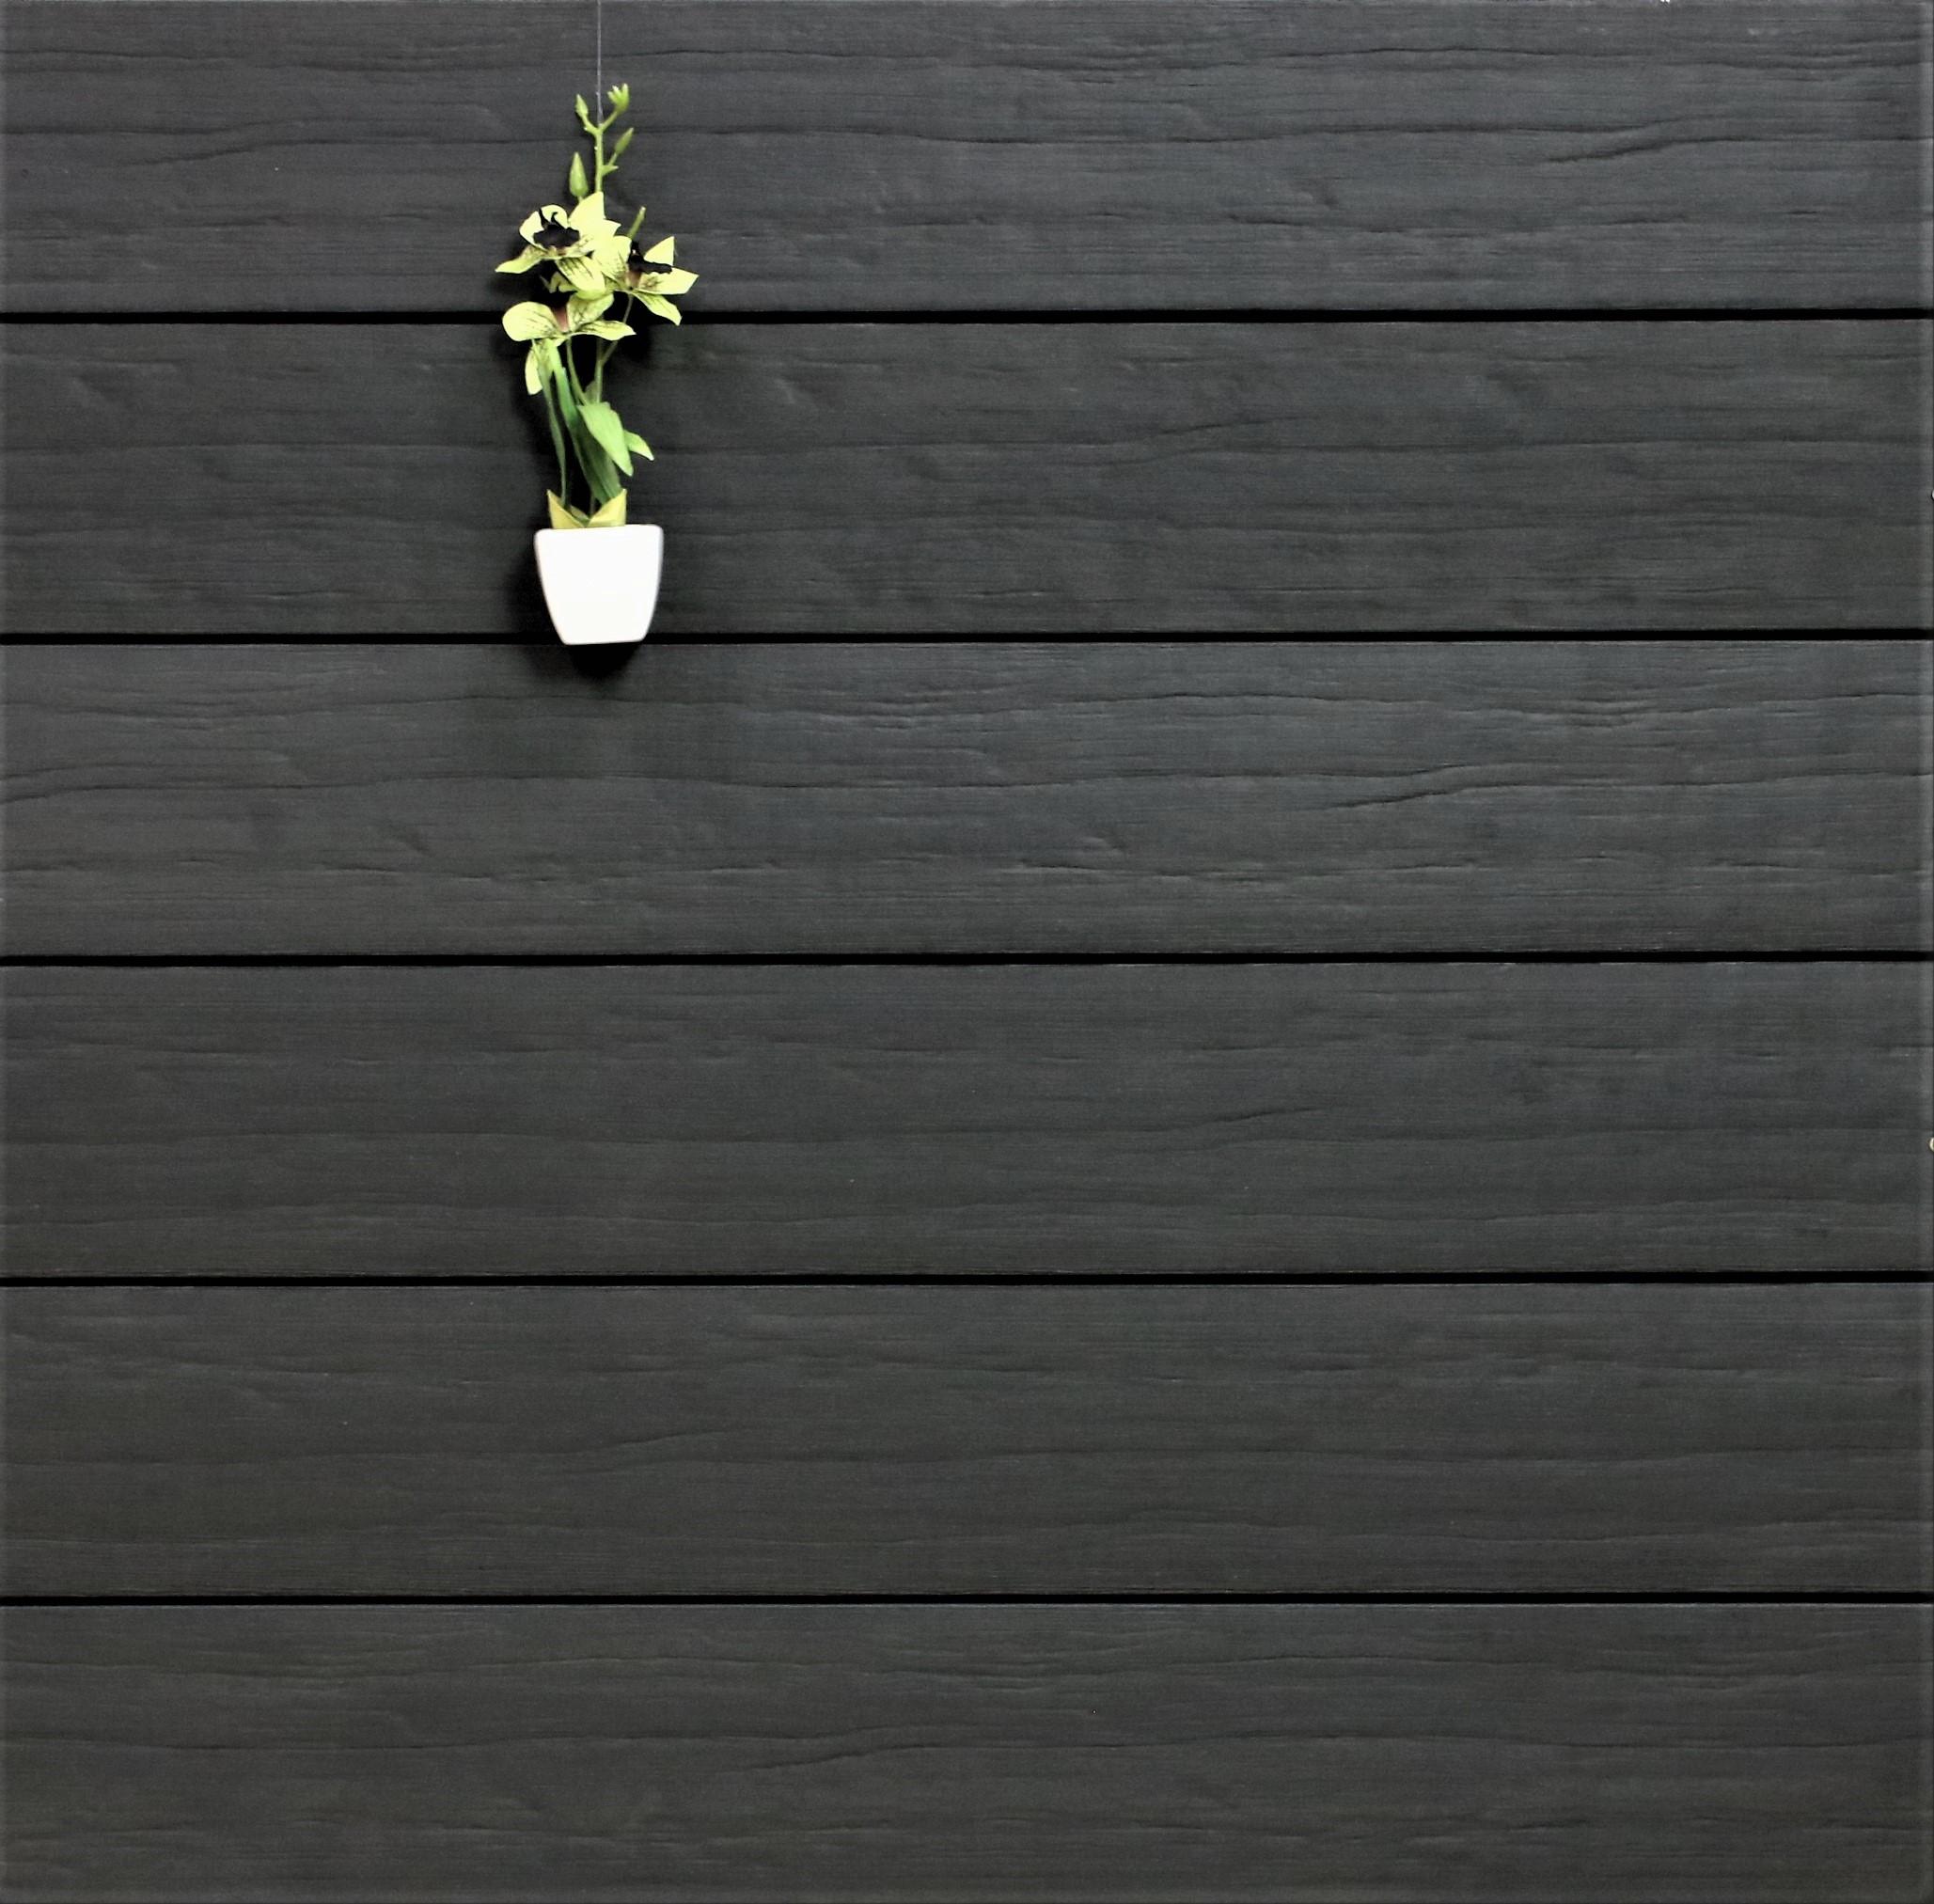 WPC Terrassendielen massiv, Oberfläche antik gealtert, Farbton anthrazit, Vollprofil, 22 x 143 bis 4800 mm für 9,95 €/lfm